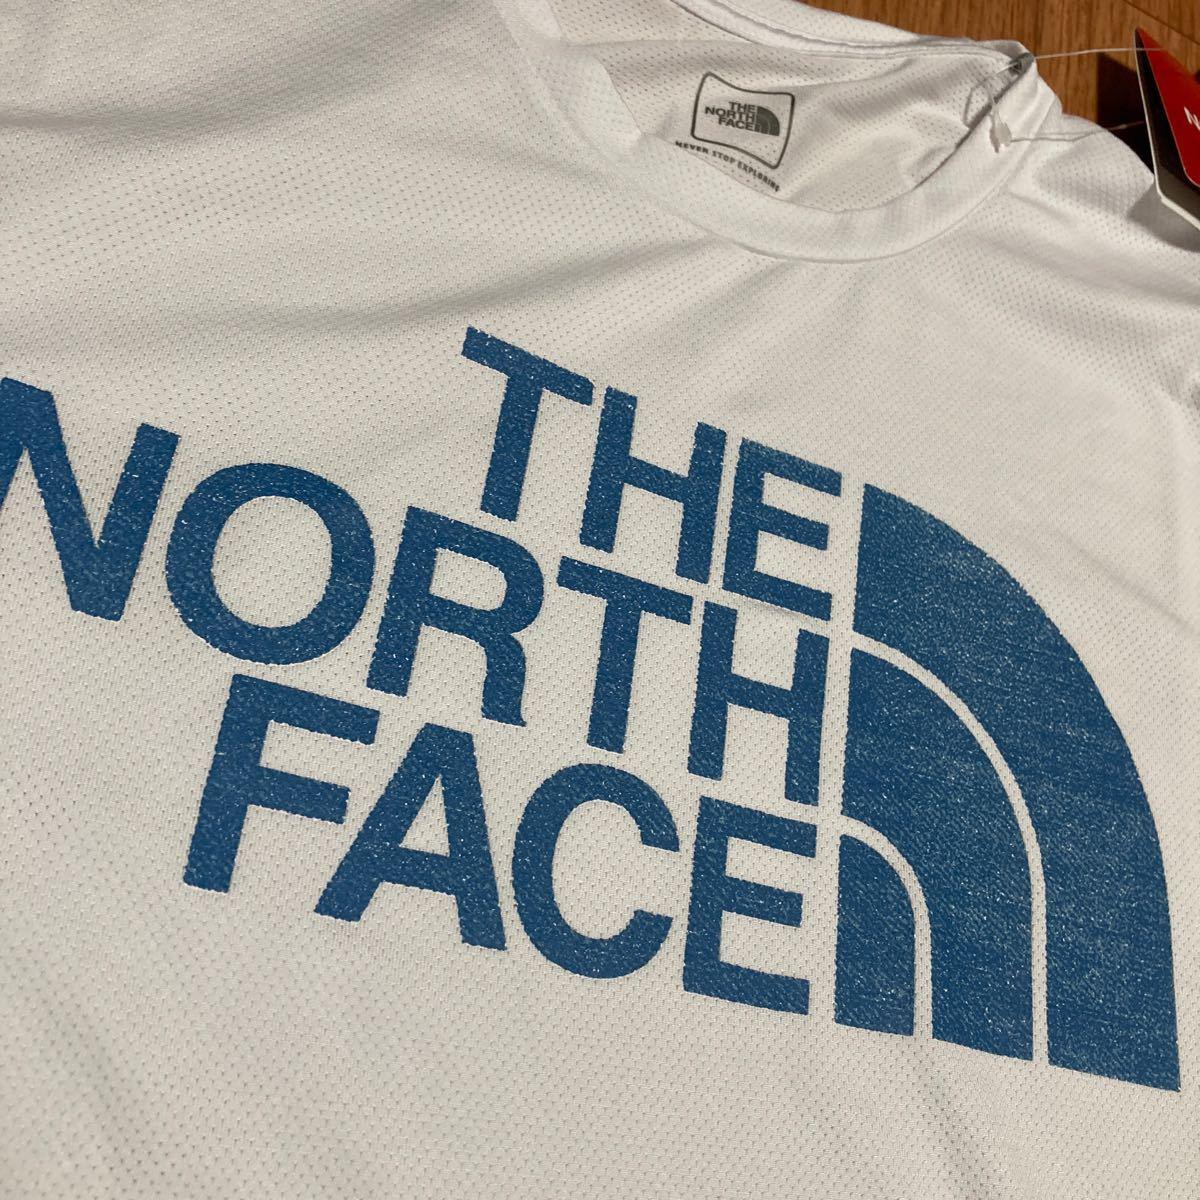 THE NORTH FACE ノースフェイス Tシャツ ザノースフェイス 半袖Tシャツ